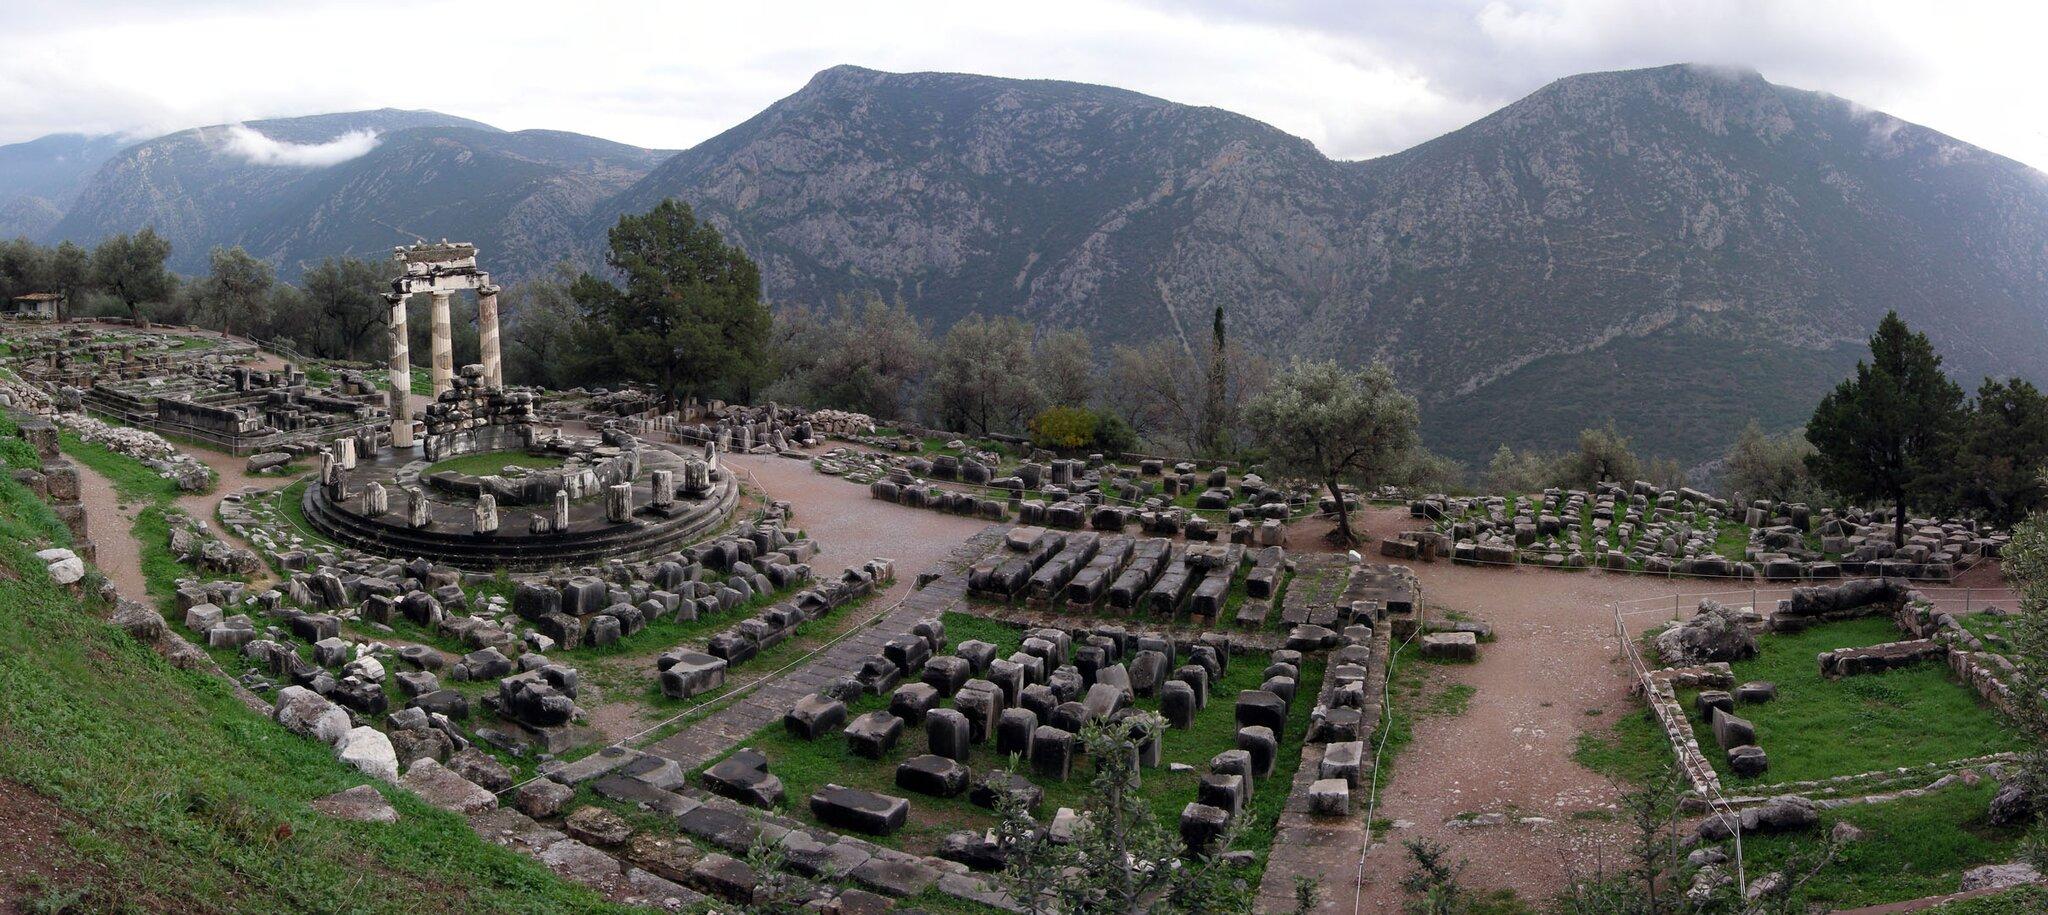 Świątynia Ateny wDelfach Świątynia Ateny wDelfach Źródło: Luarvick, licencja: CC BY-SA 3.0.